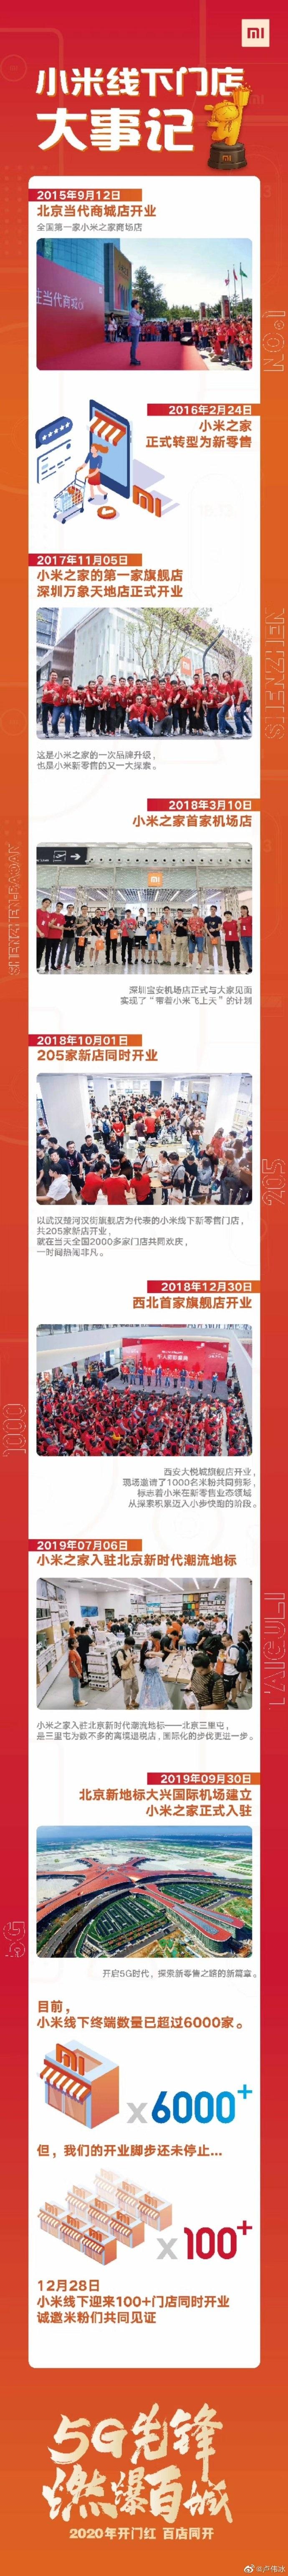 小米线下新零售持续探索:12 月 28 号全国百店开业,5G 先锋燃爆百城